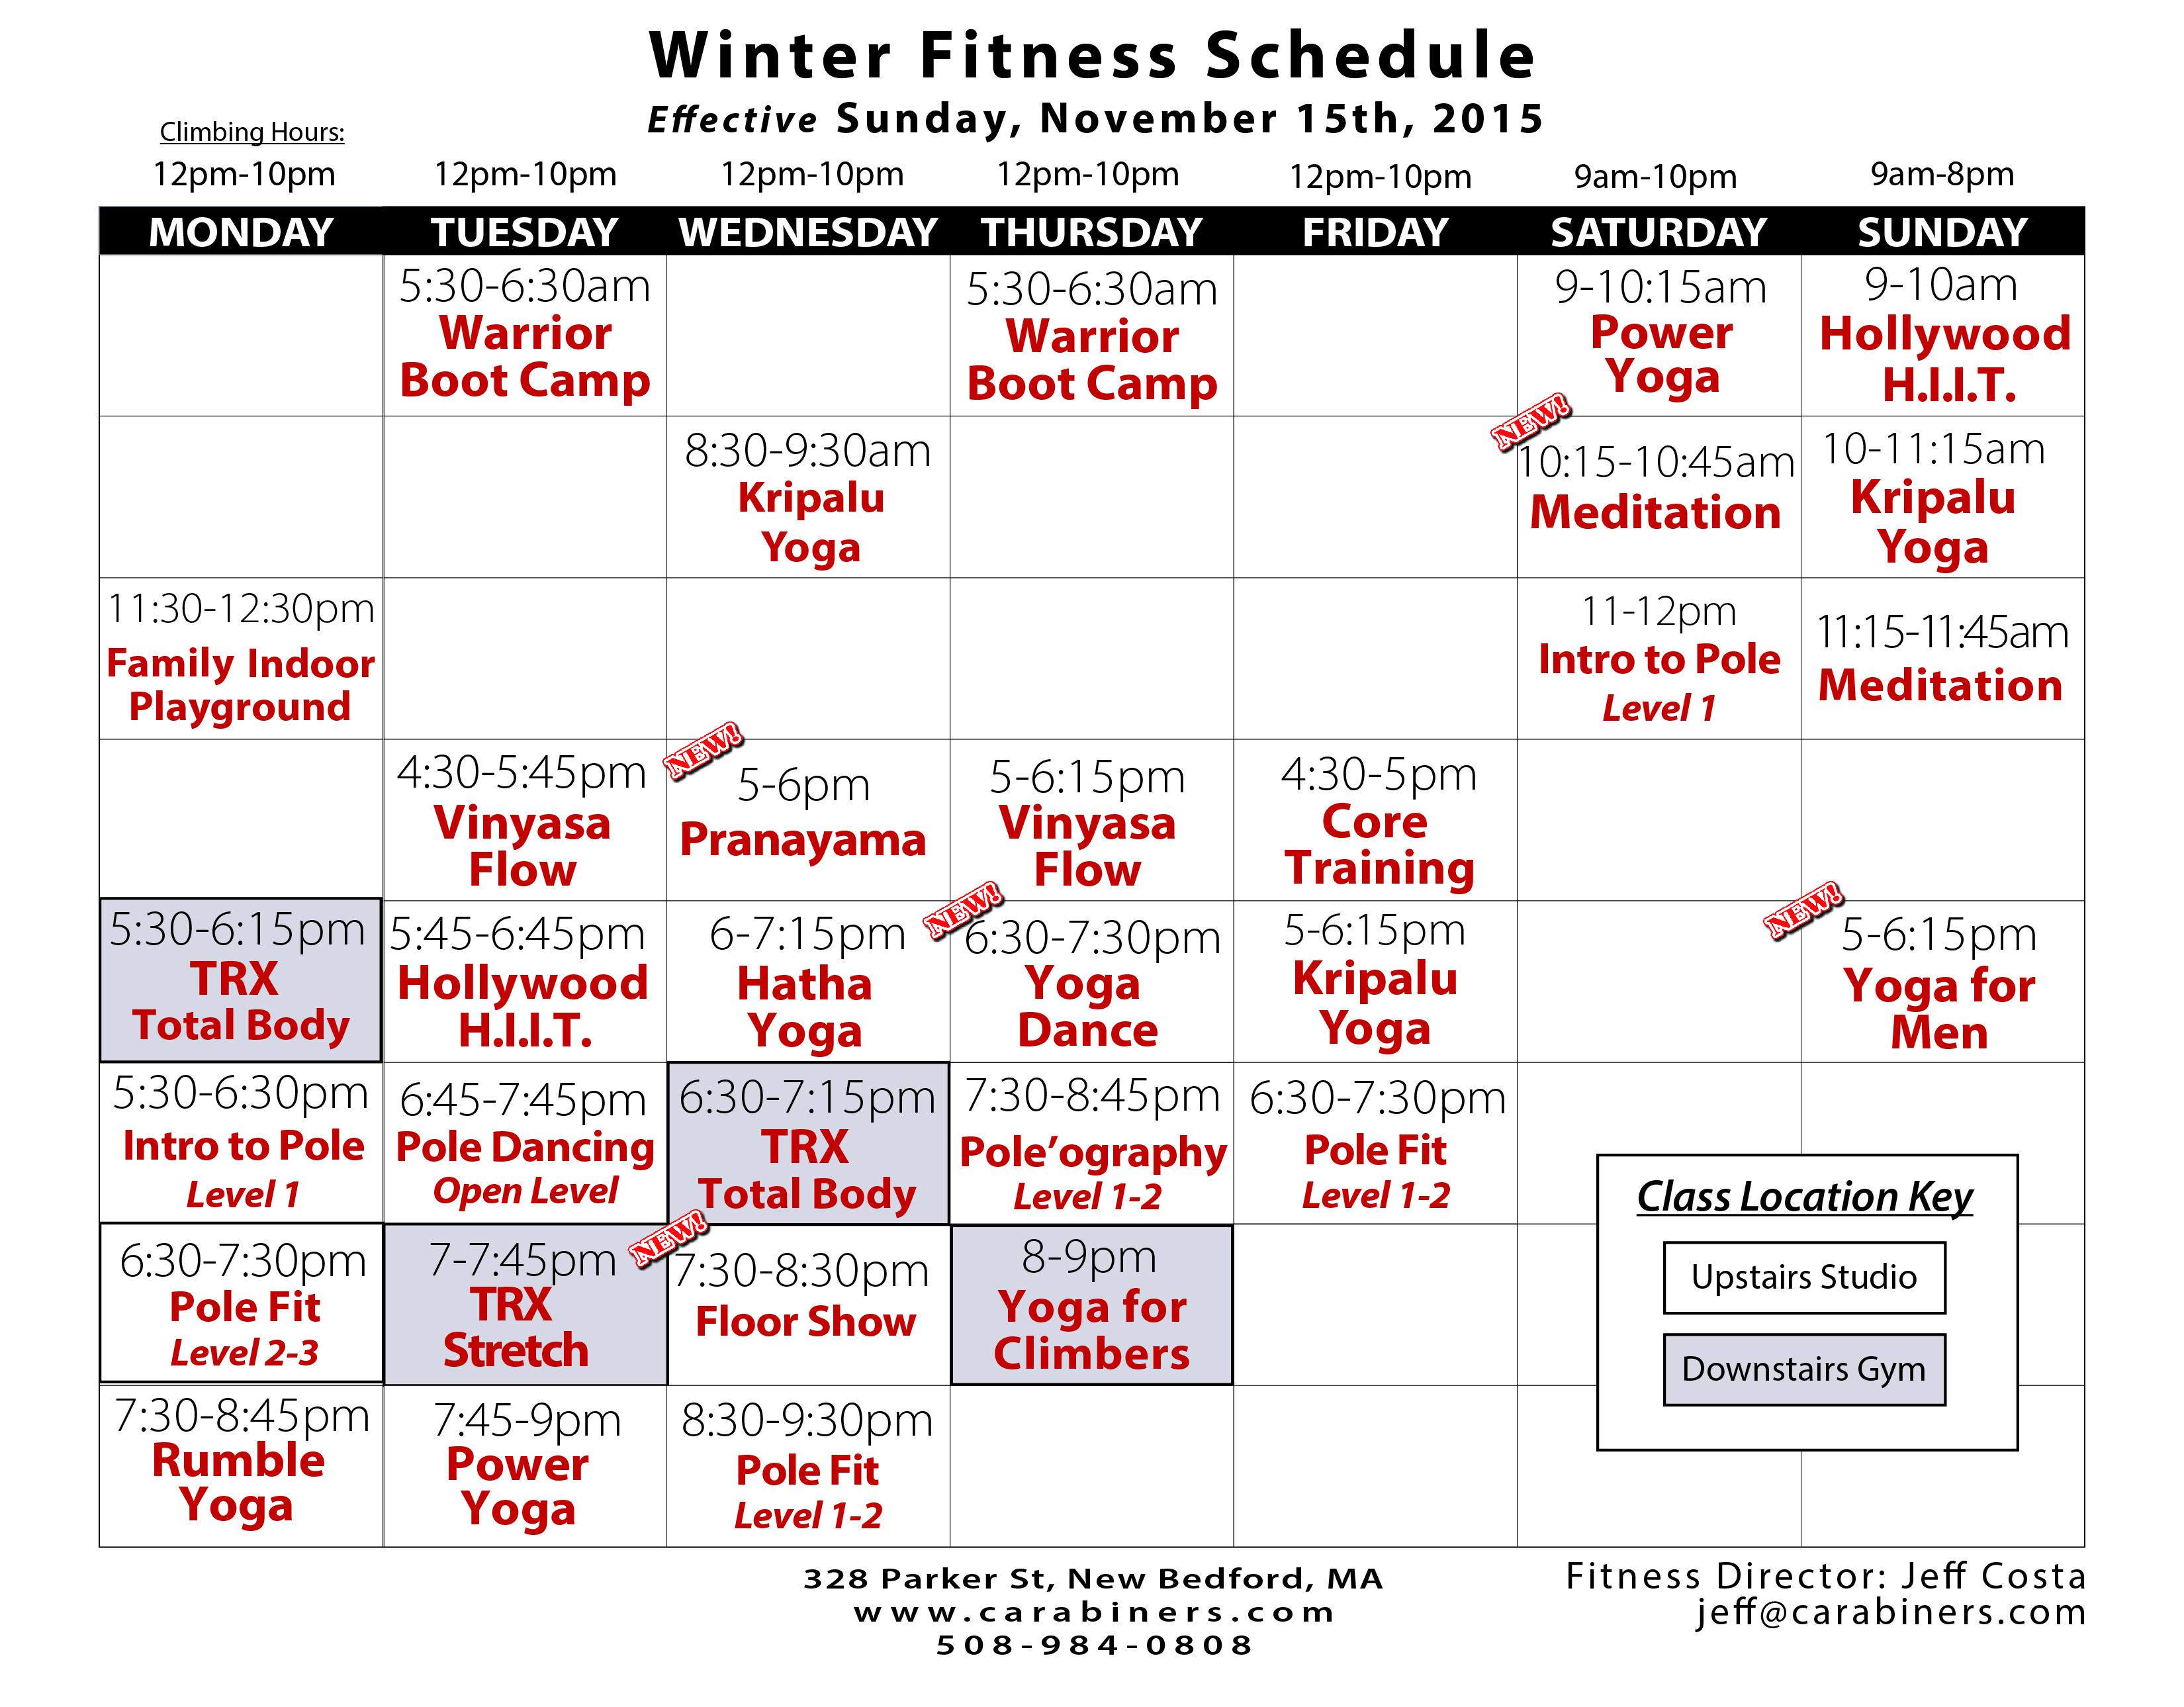 winter fitness schedule 2015